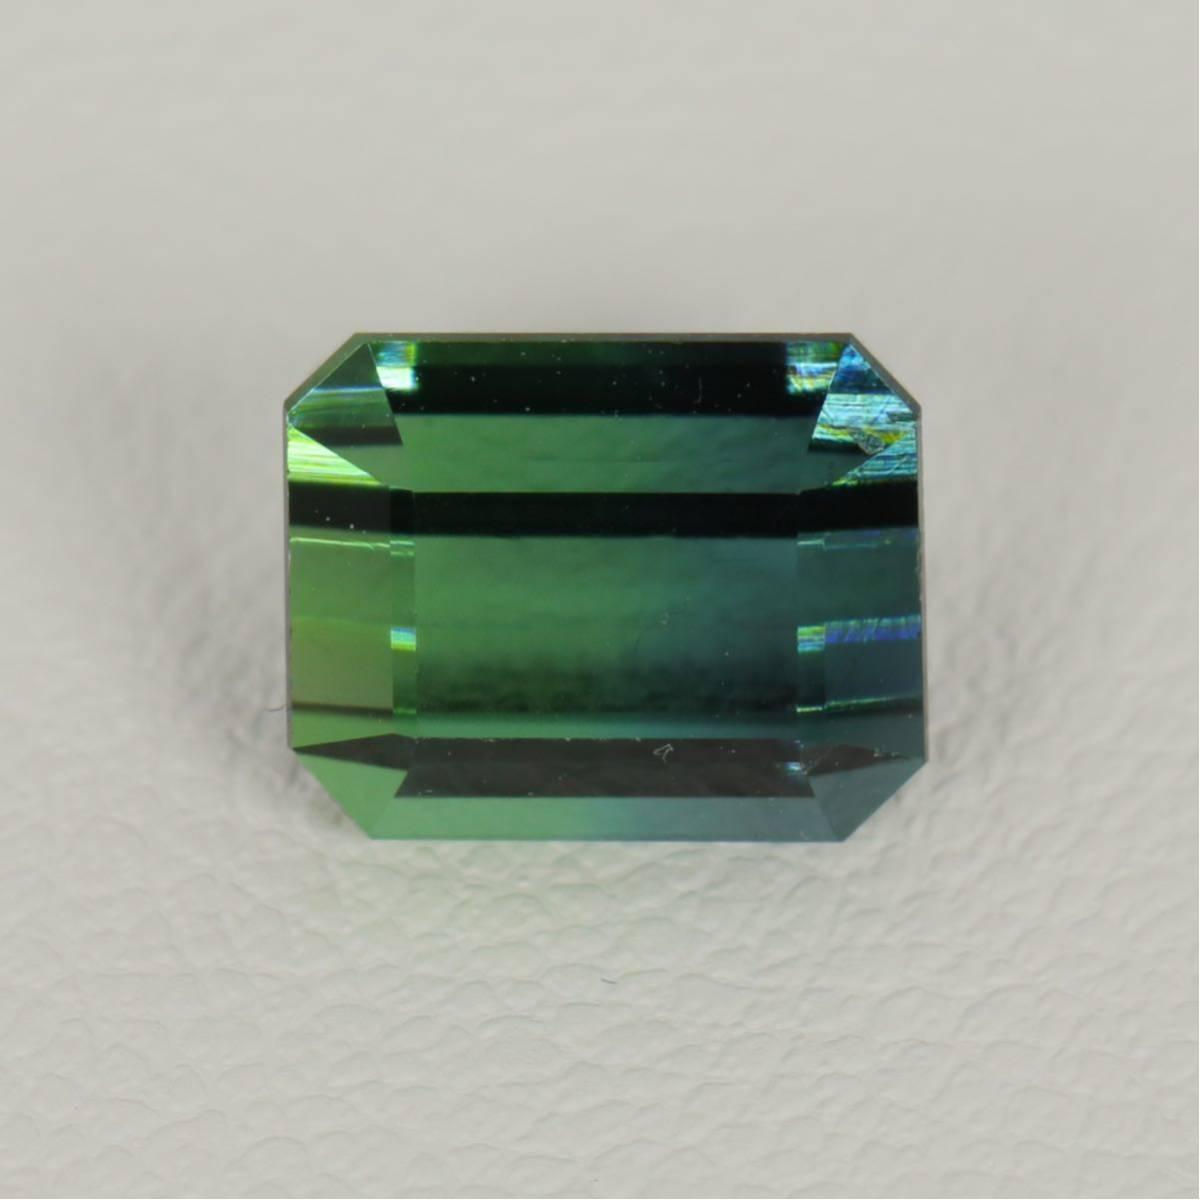 神秘的なカラー『天然バイカラートルマリン』2.45ct アフガニスタン産 ルース 宝石 コレクター必見